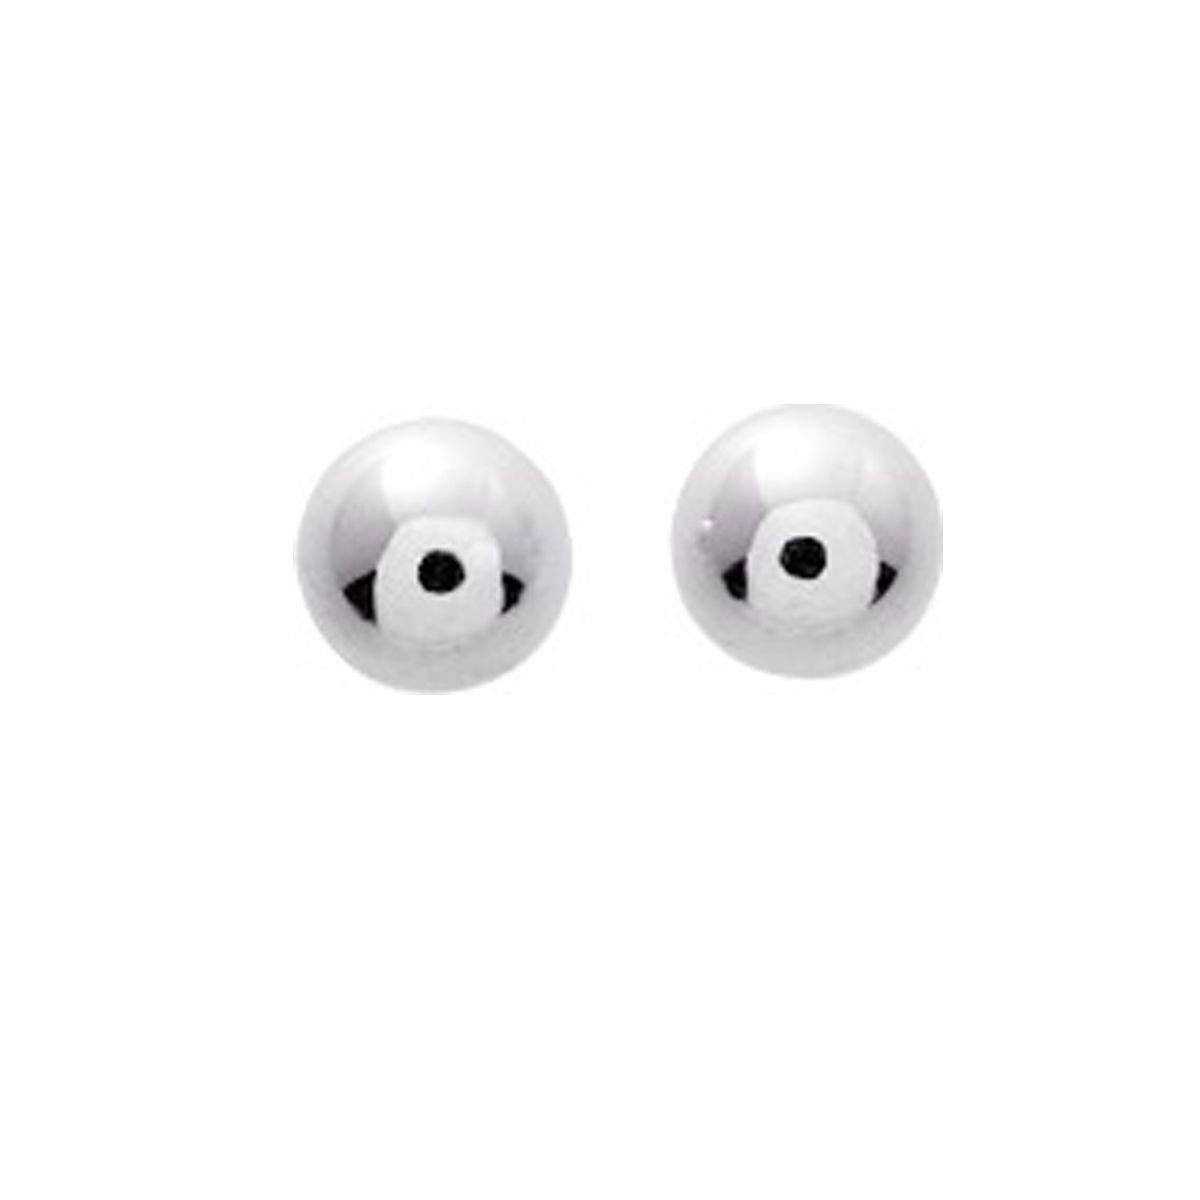 Ysora - Boucles D'oreilles En Or Gris En Forme De Boules - Or blanc - Ø 6 mm 17042